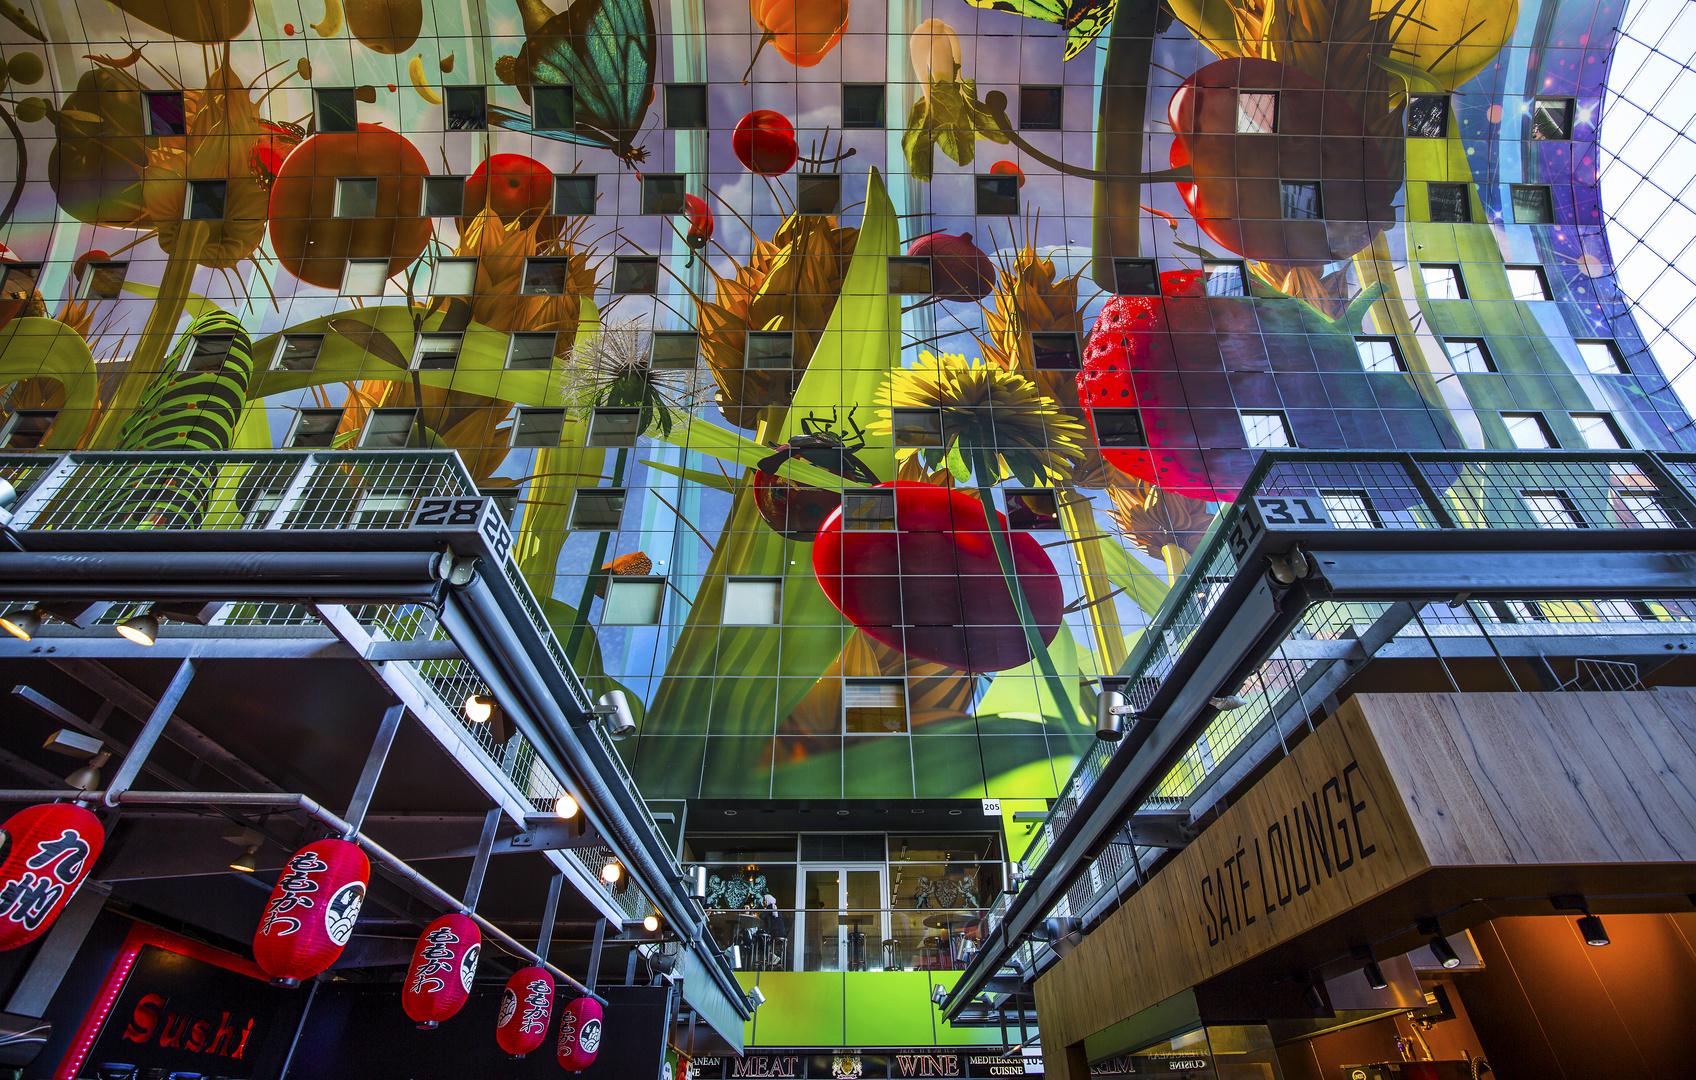 Rotterdam markthalle